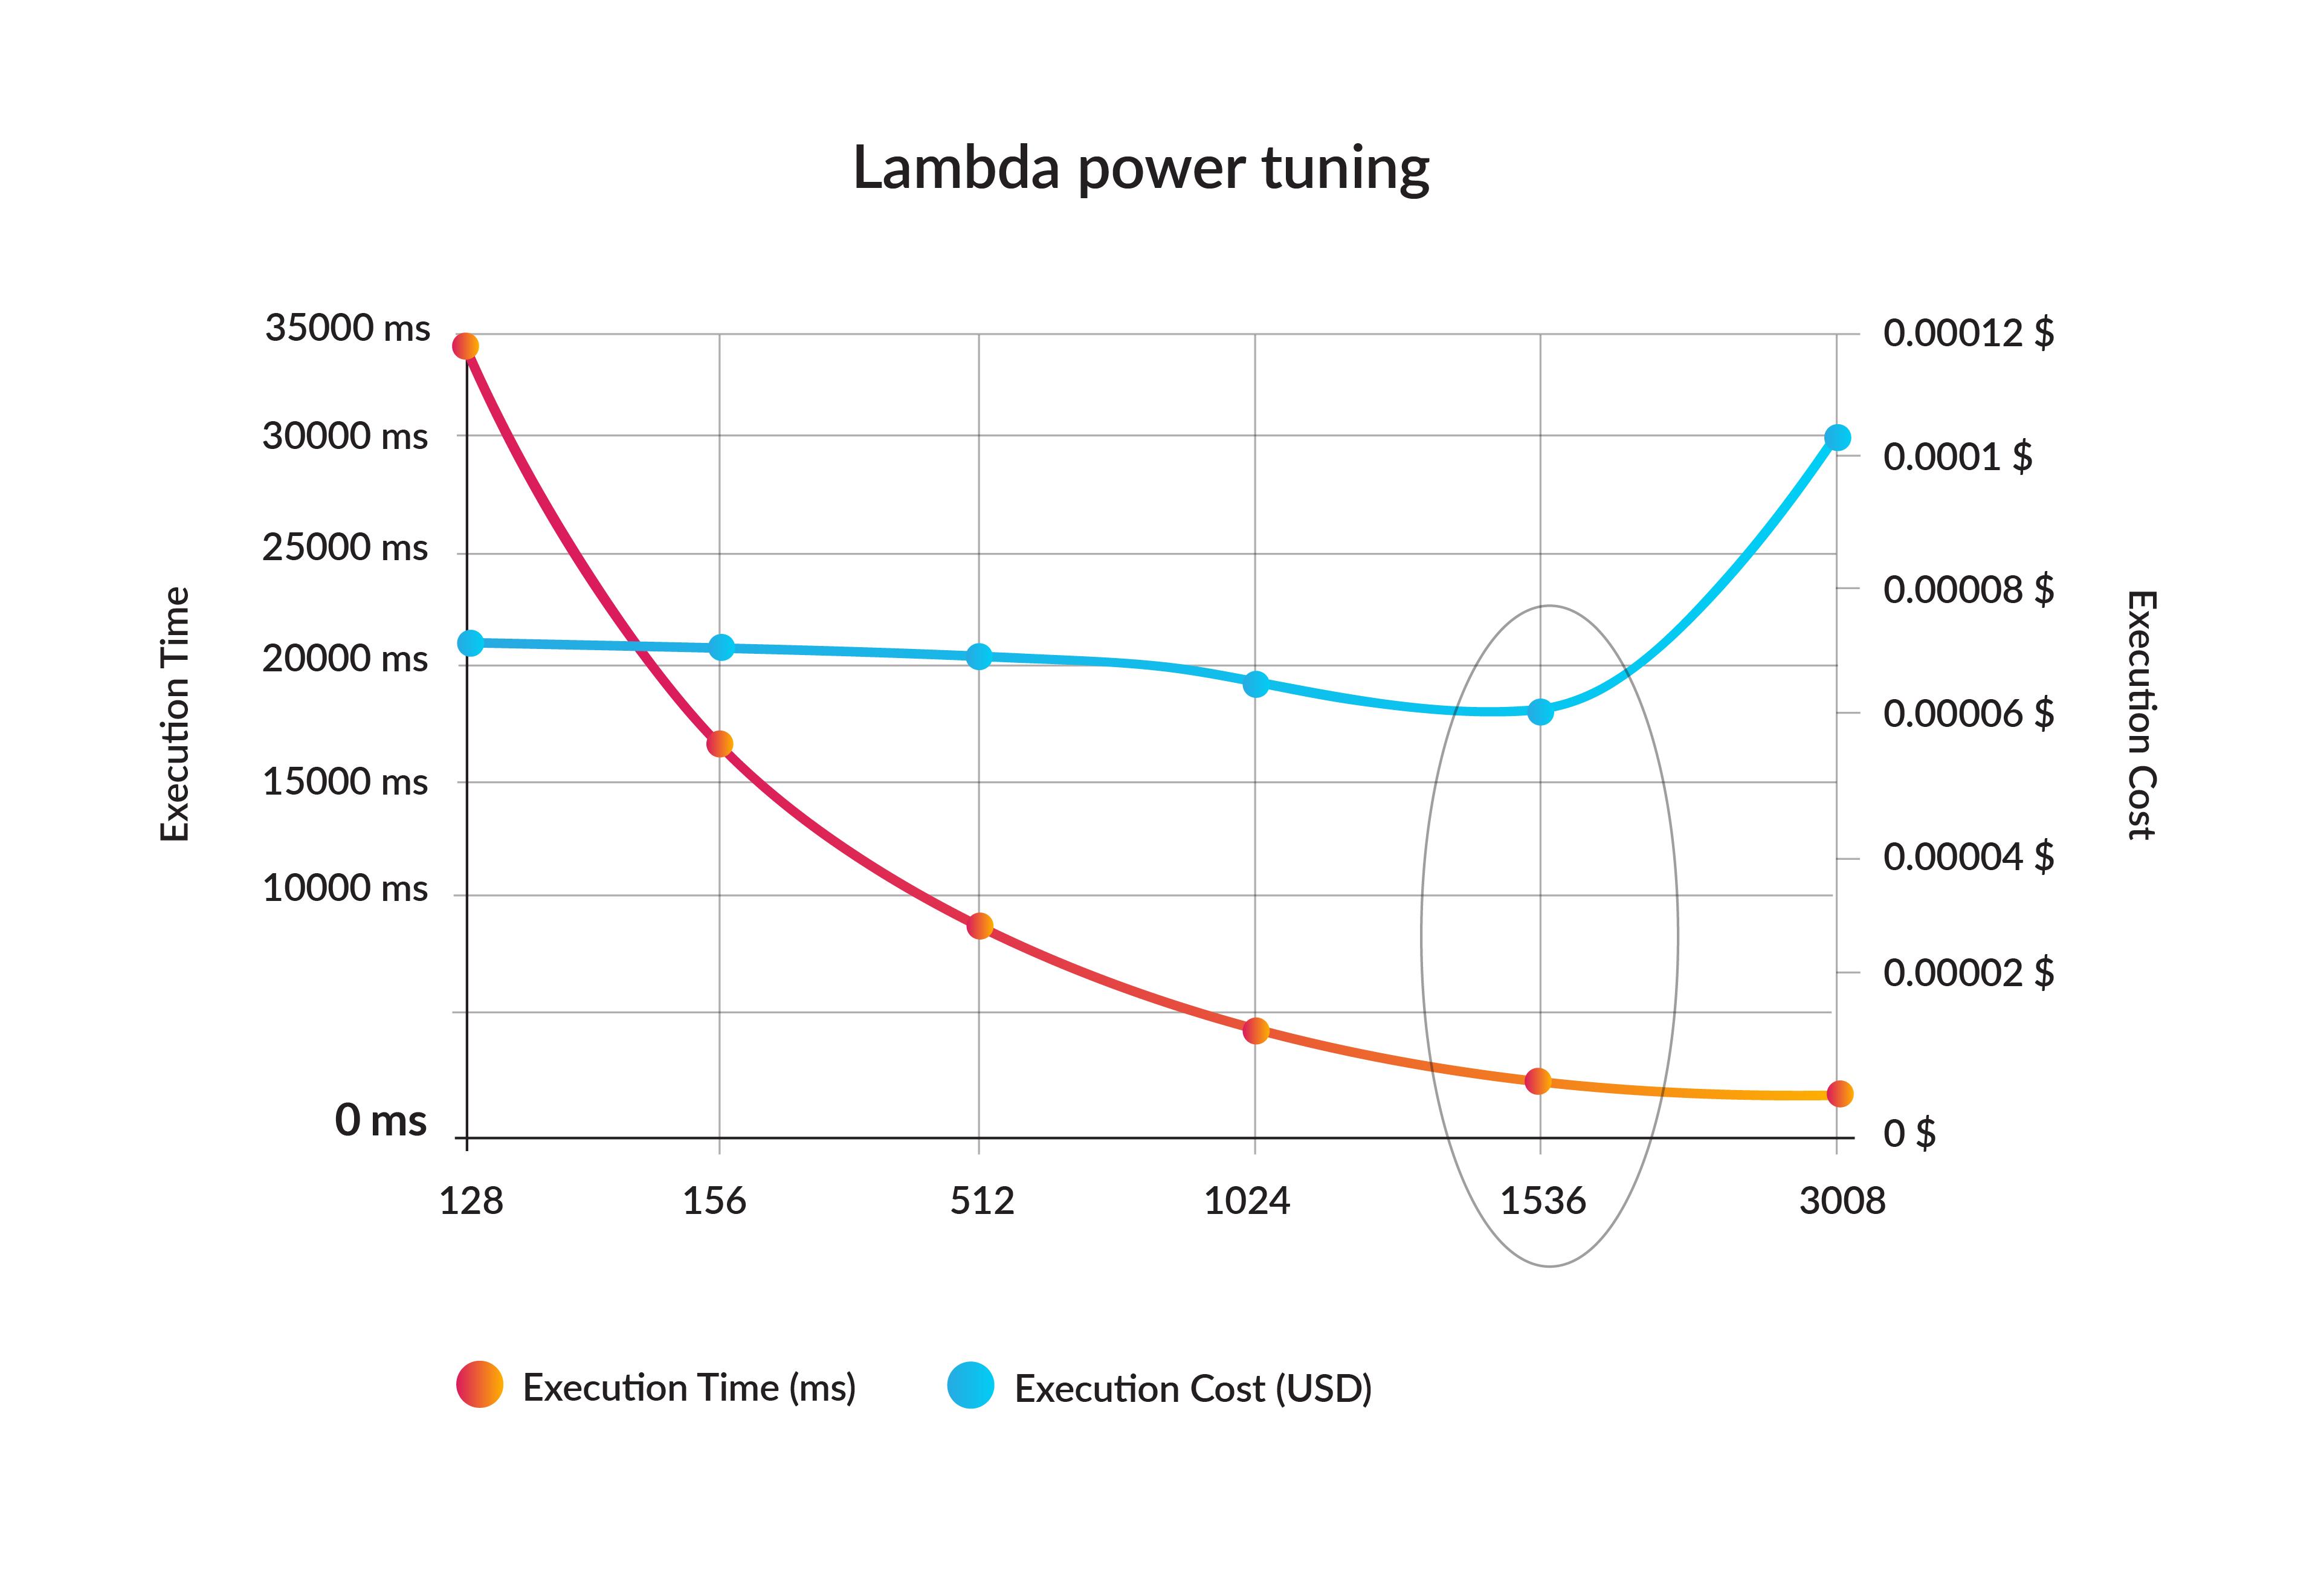 Lambda Power Tuning